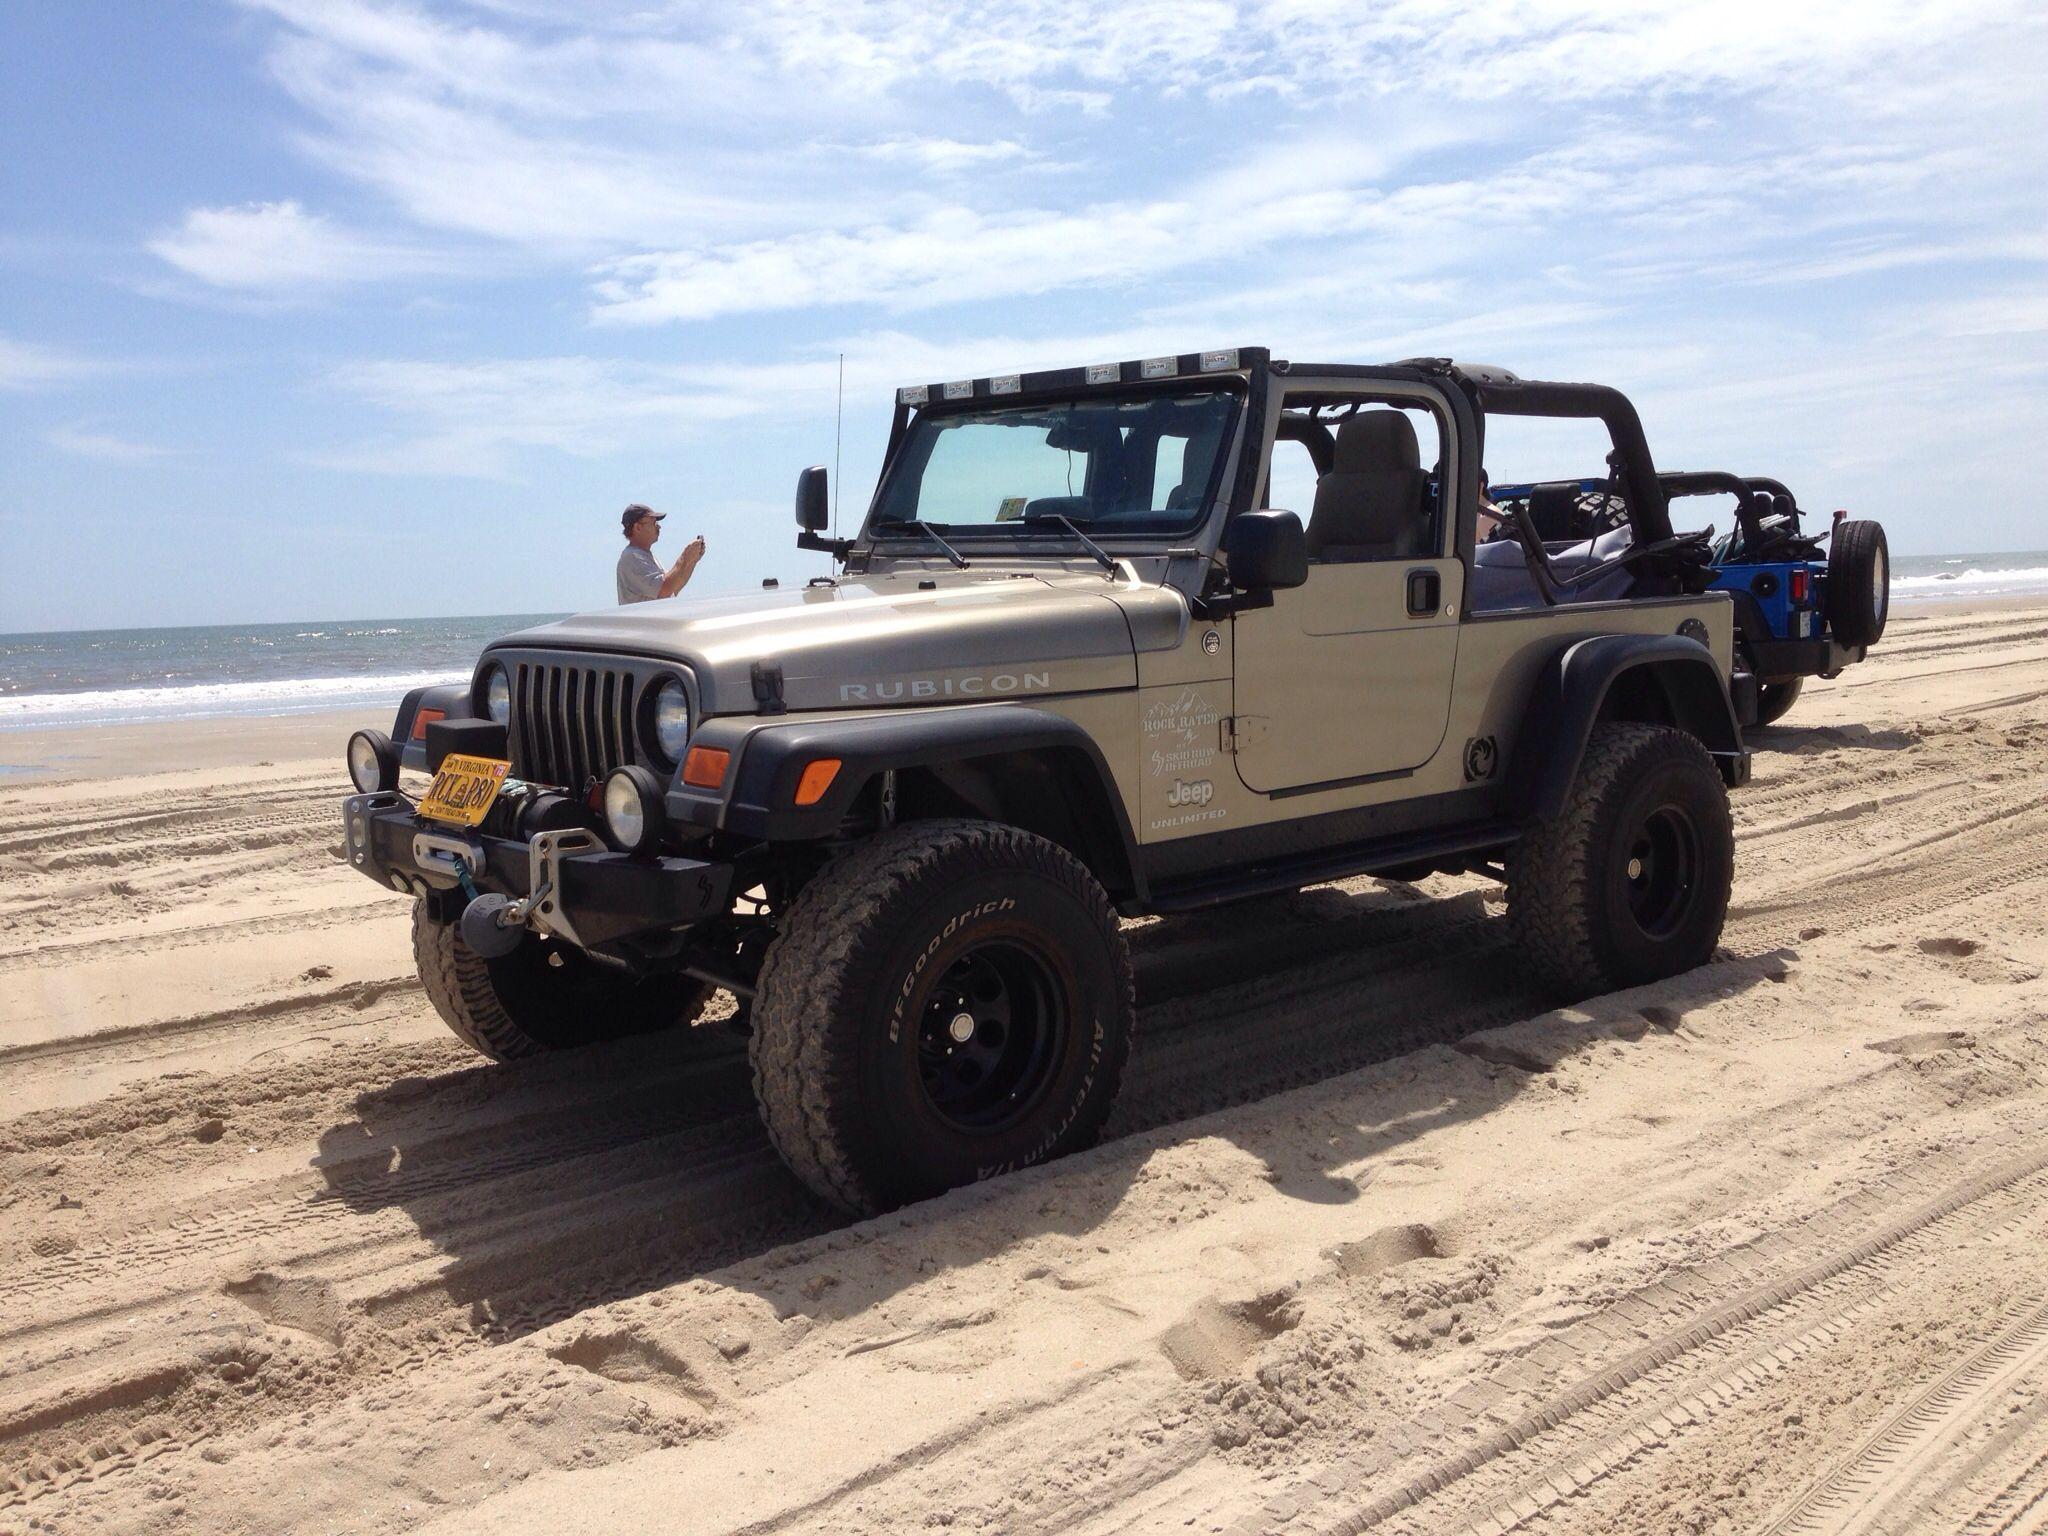 06 lj on the beach